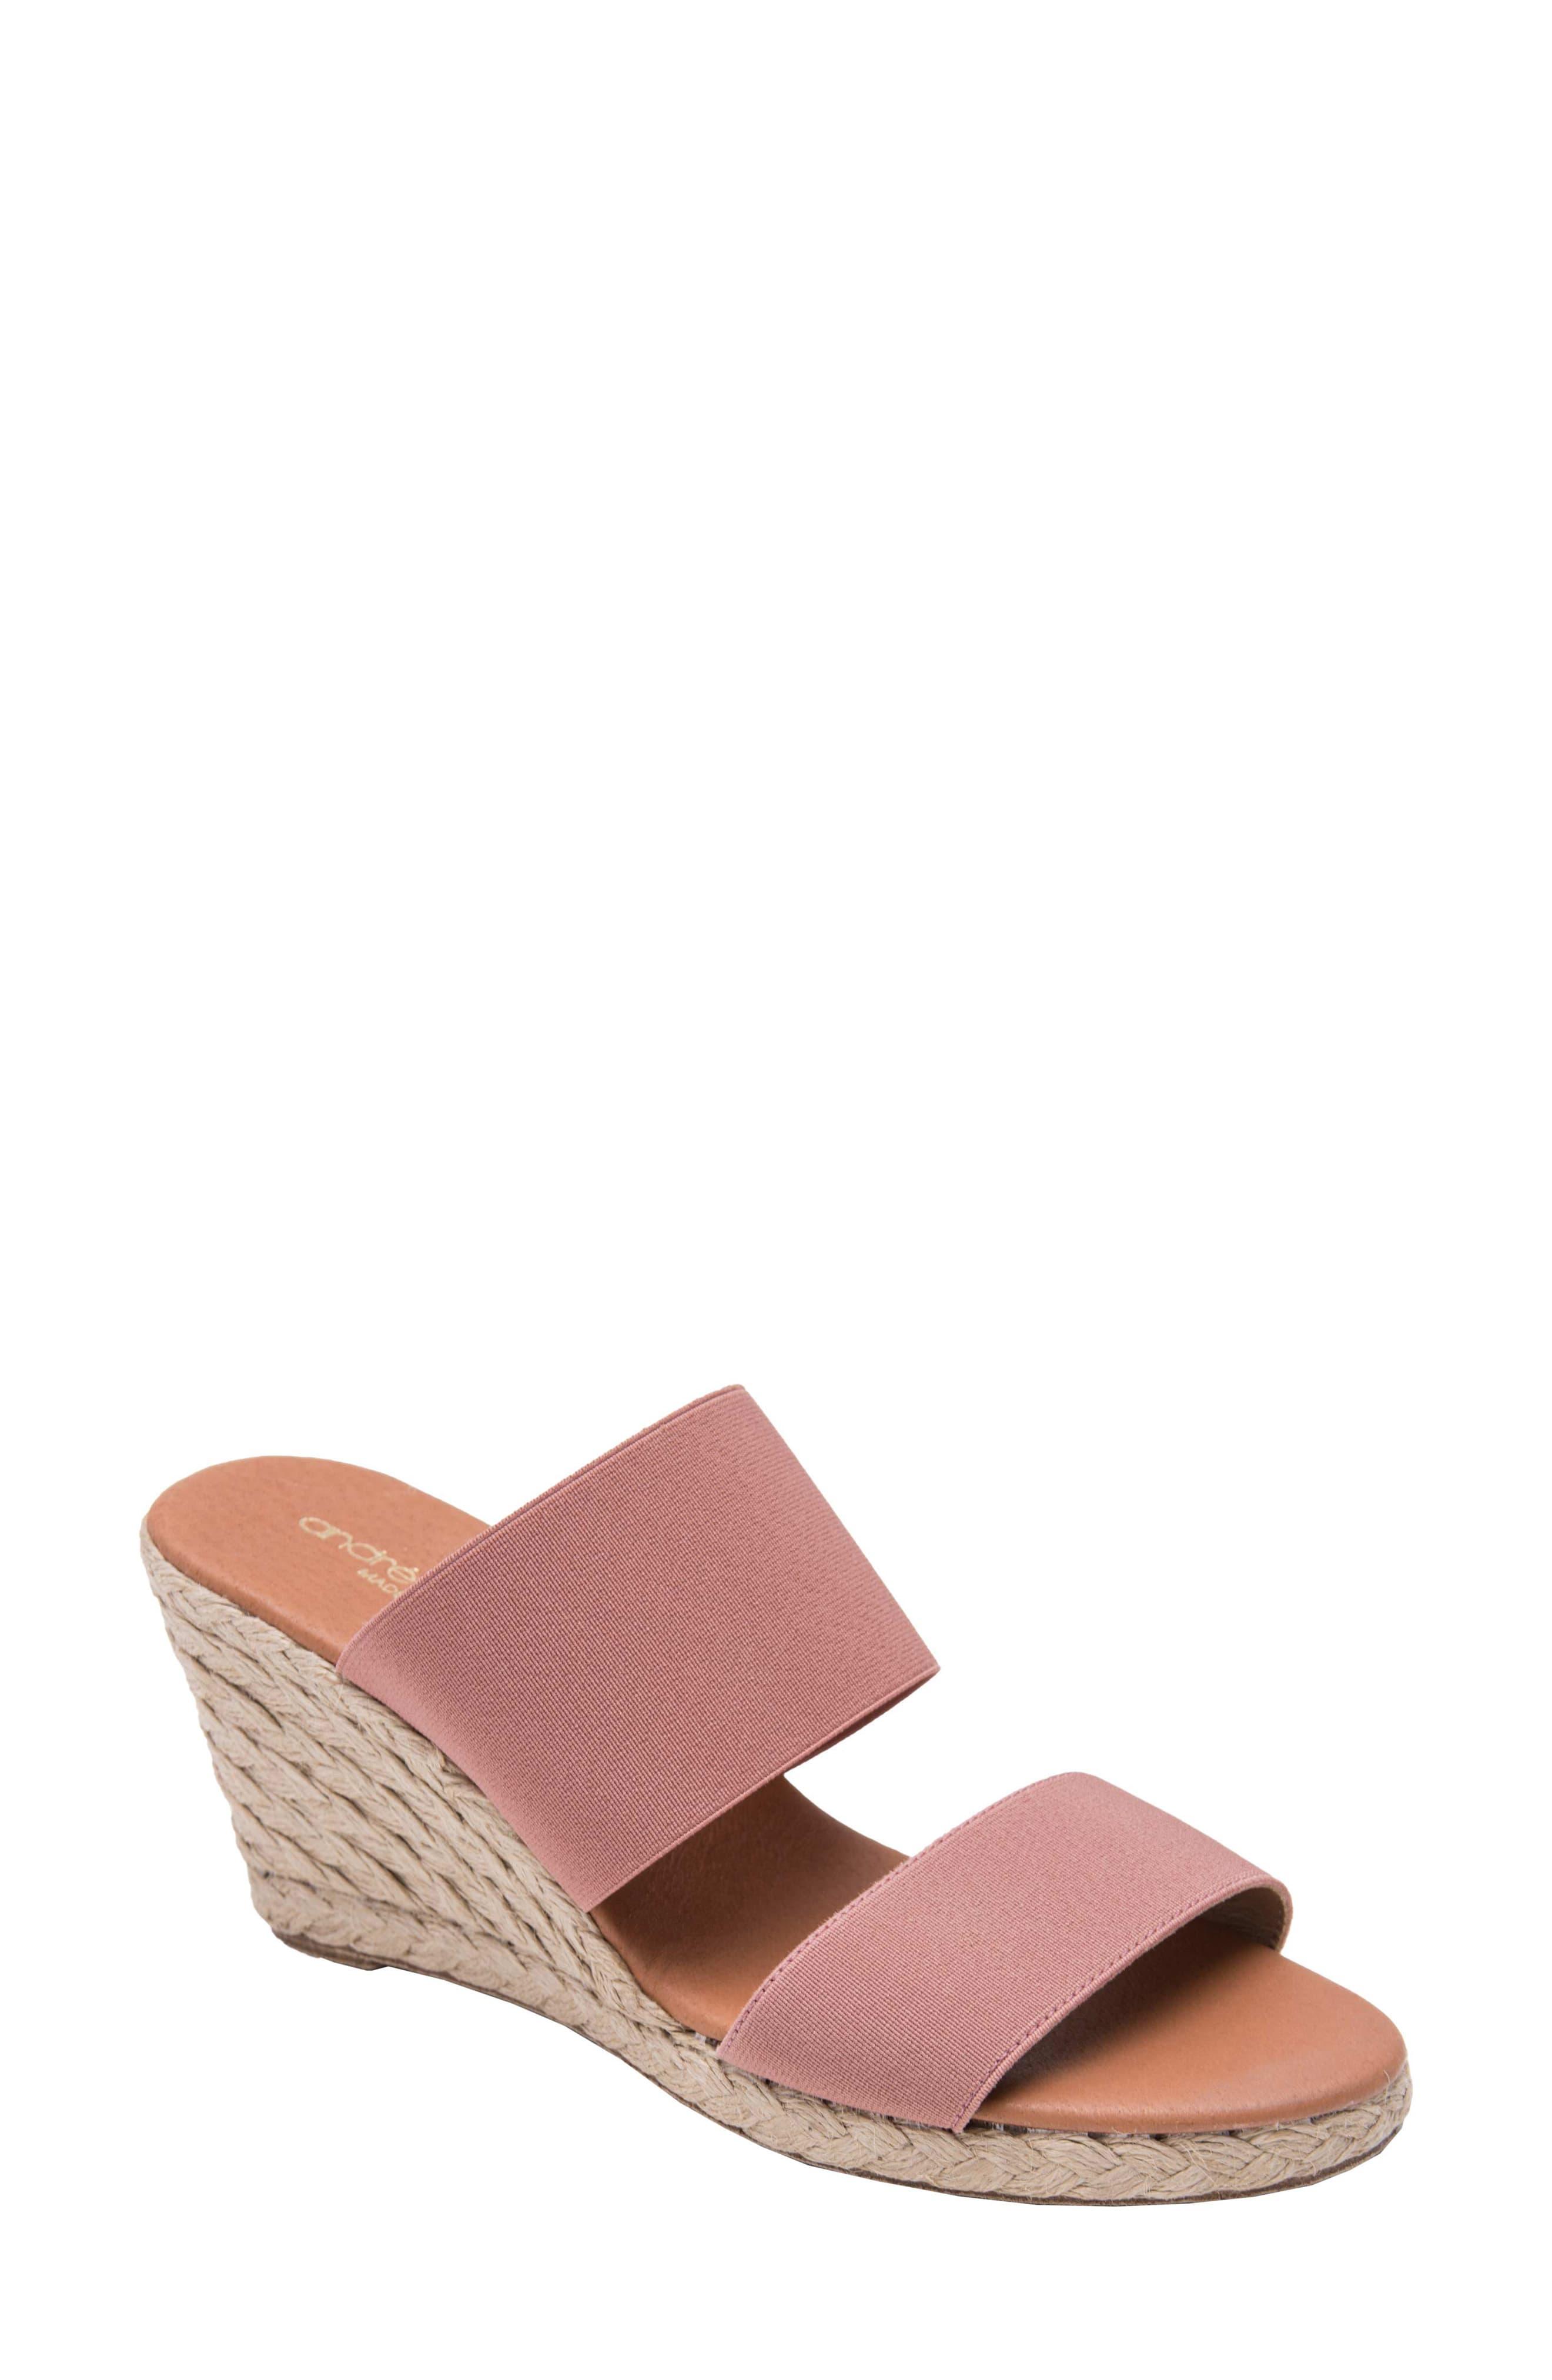 434a49f922d Women's André Assous Amalia Strappy Espadrille Wedge Slide Sandal ...